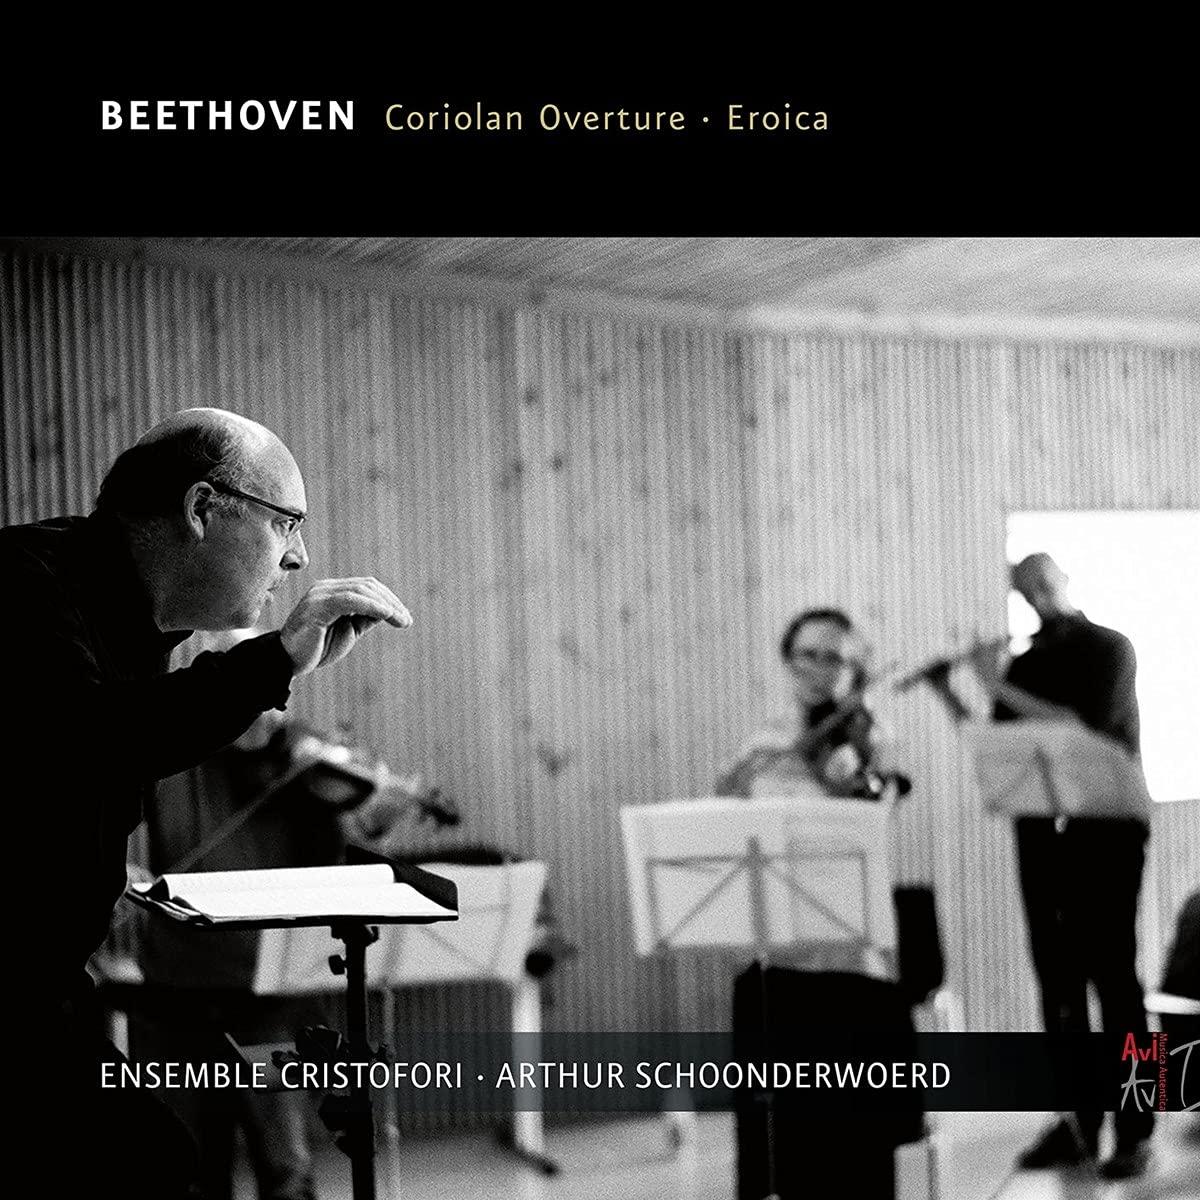 Beethoven: Coriolan Overture, Symphony No.3 - Arthur Schoonderwoerd